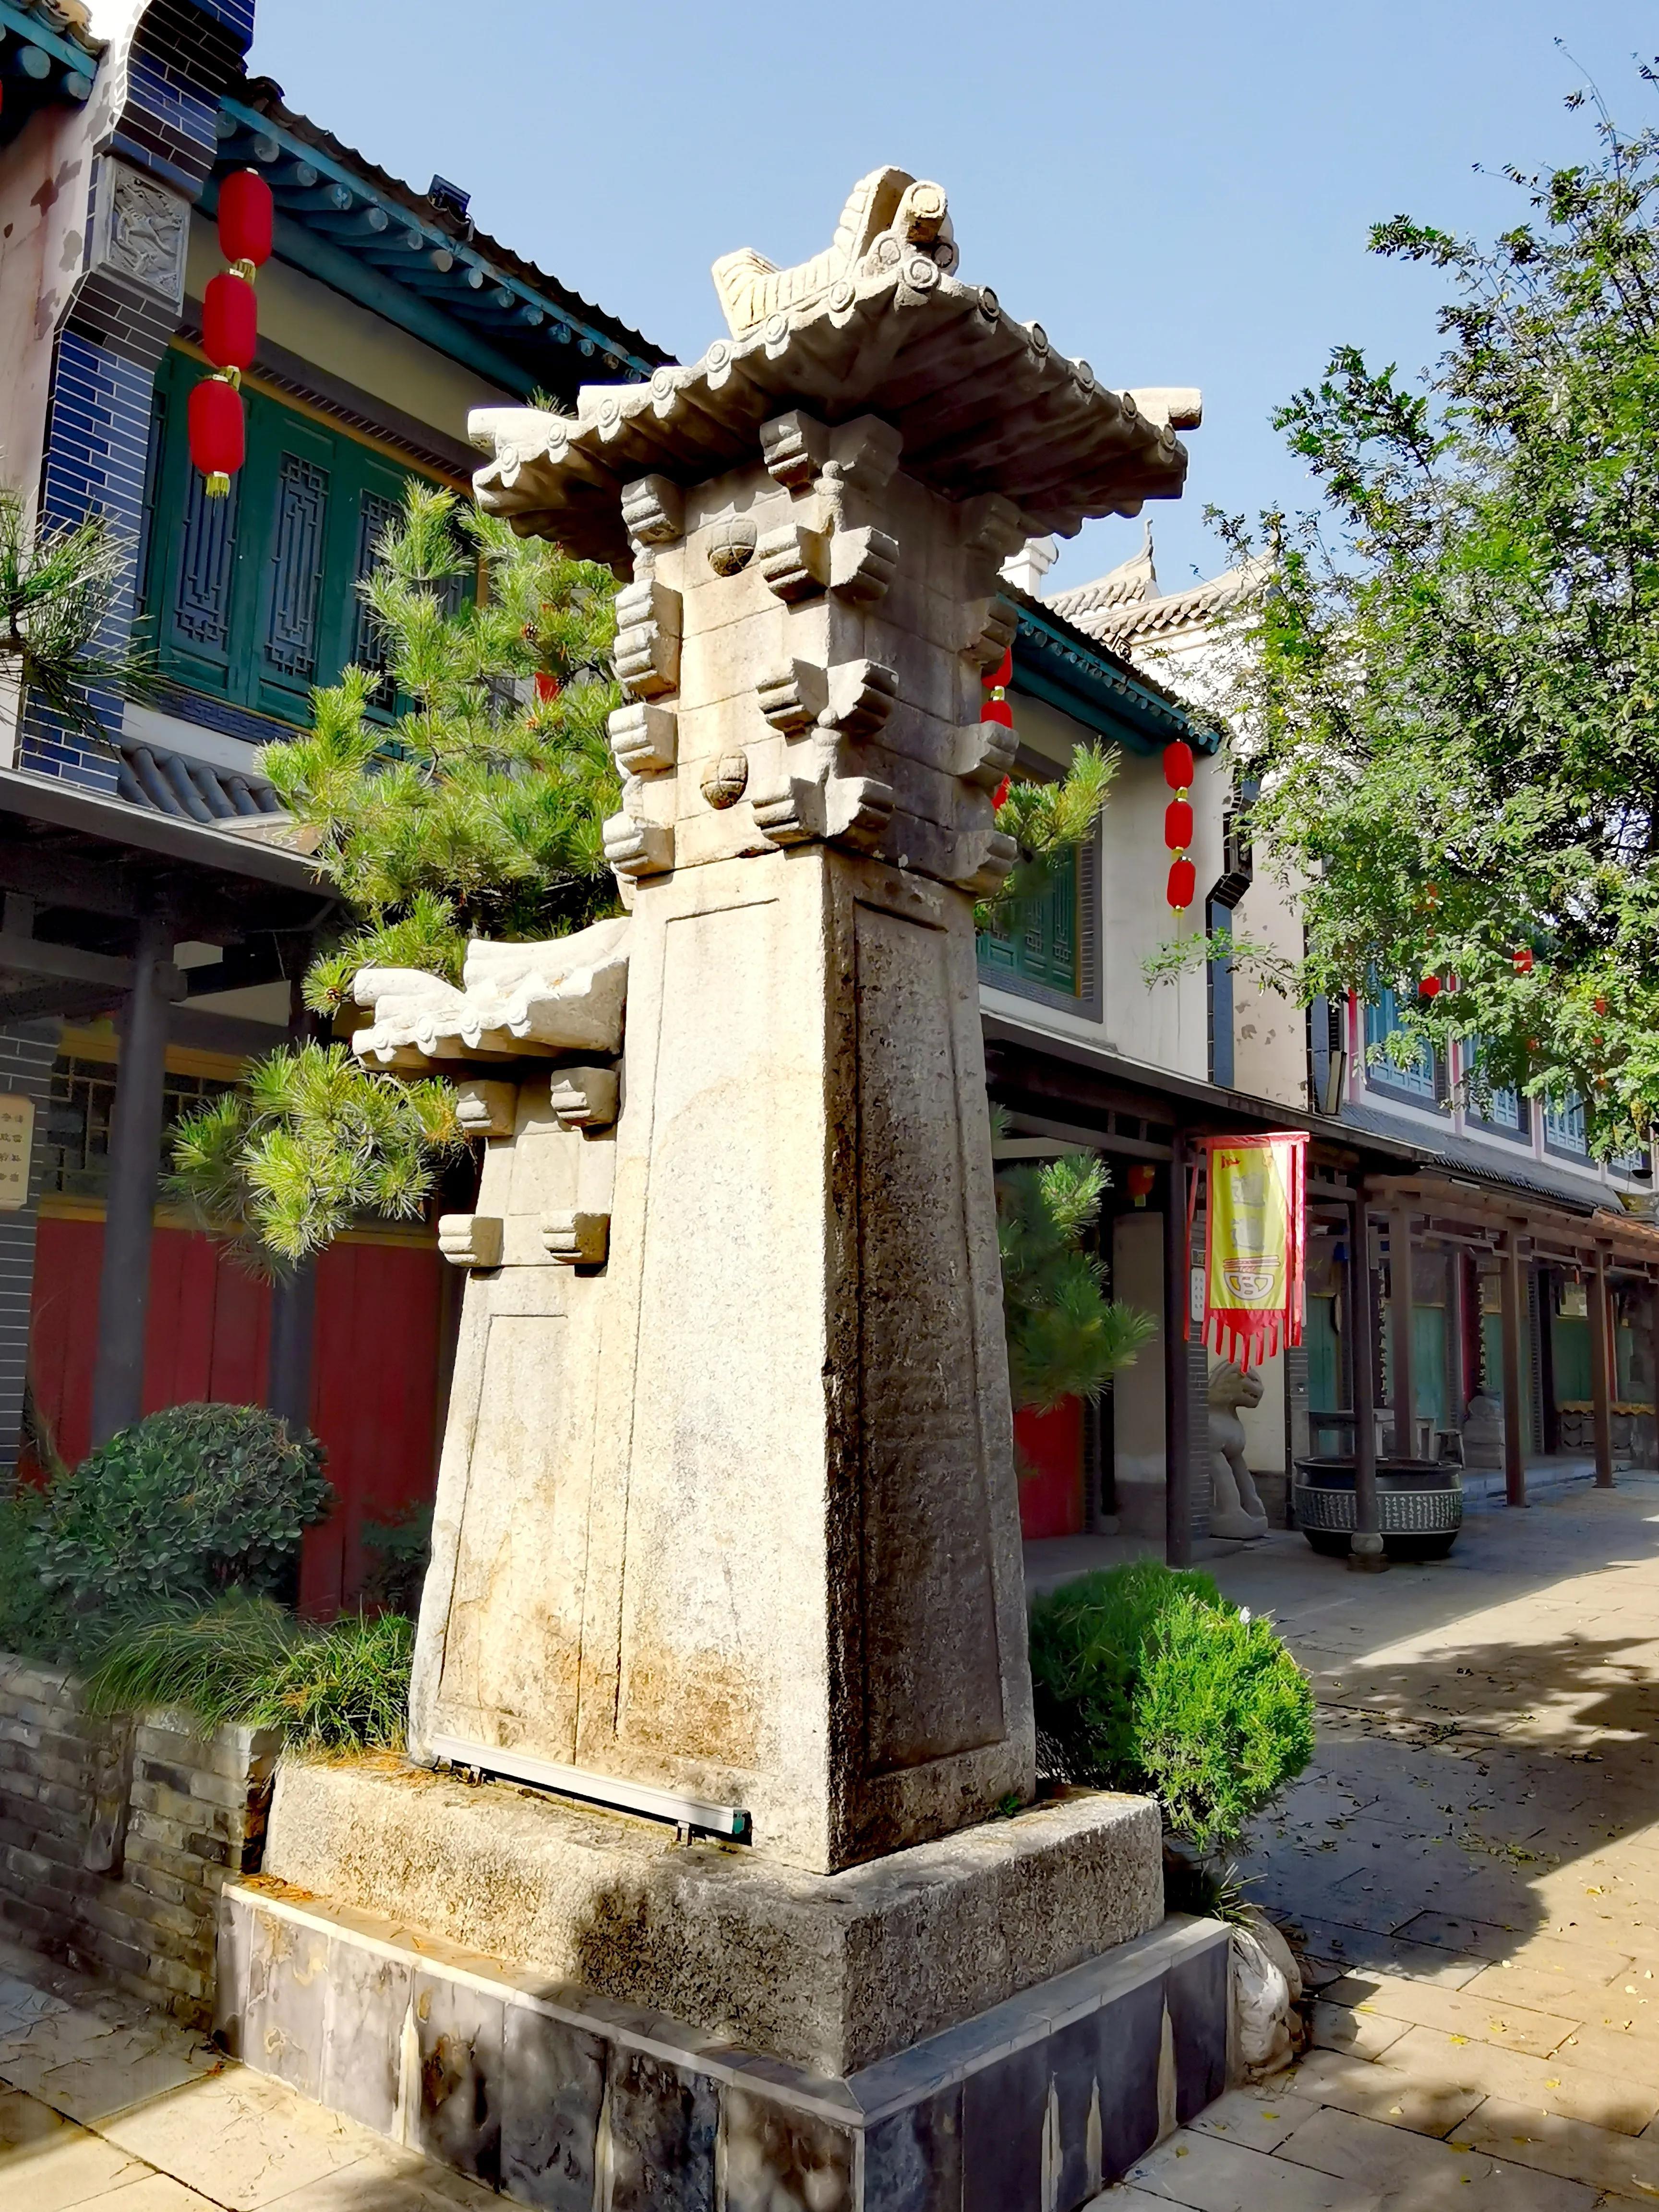 陕西渭南蒲城重泉古城之古城风貌